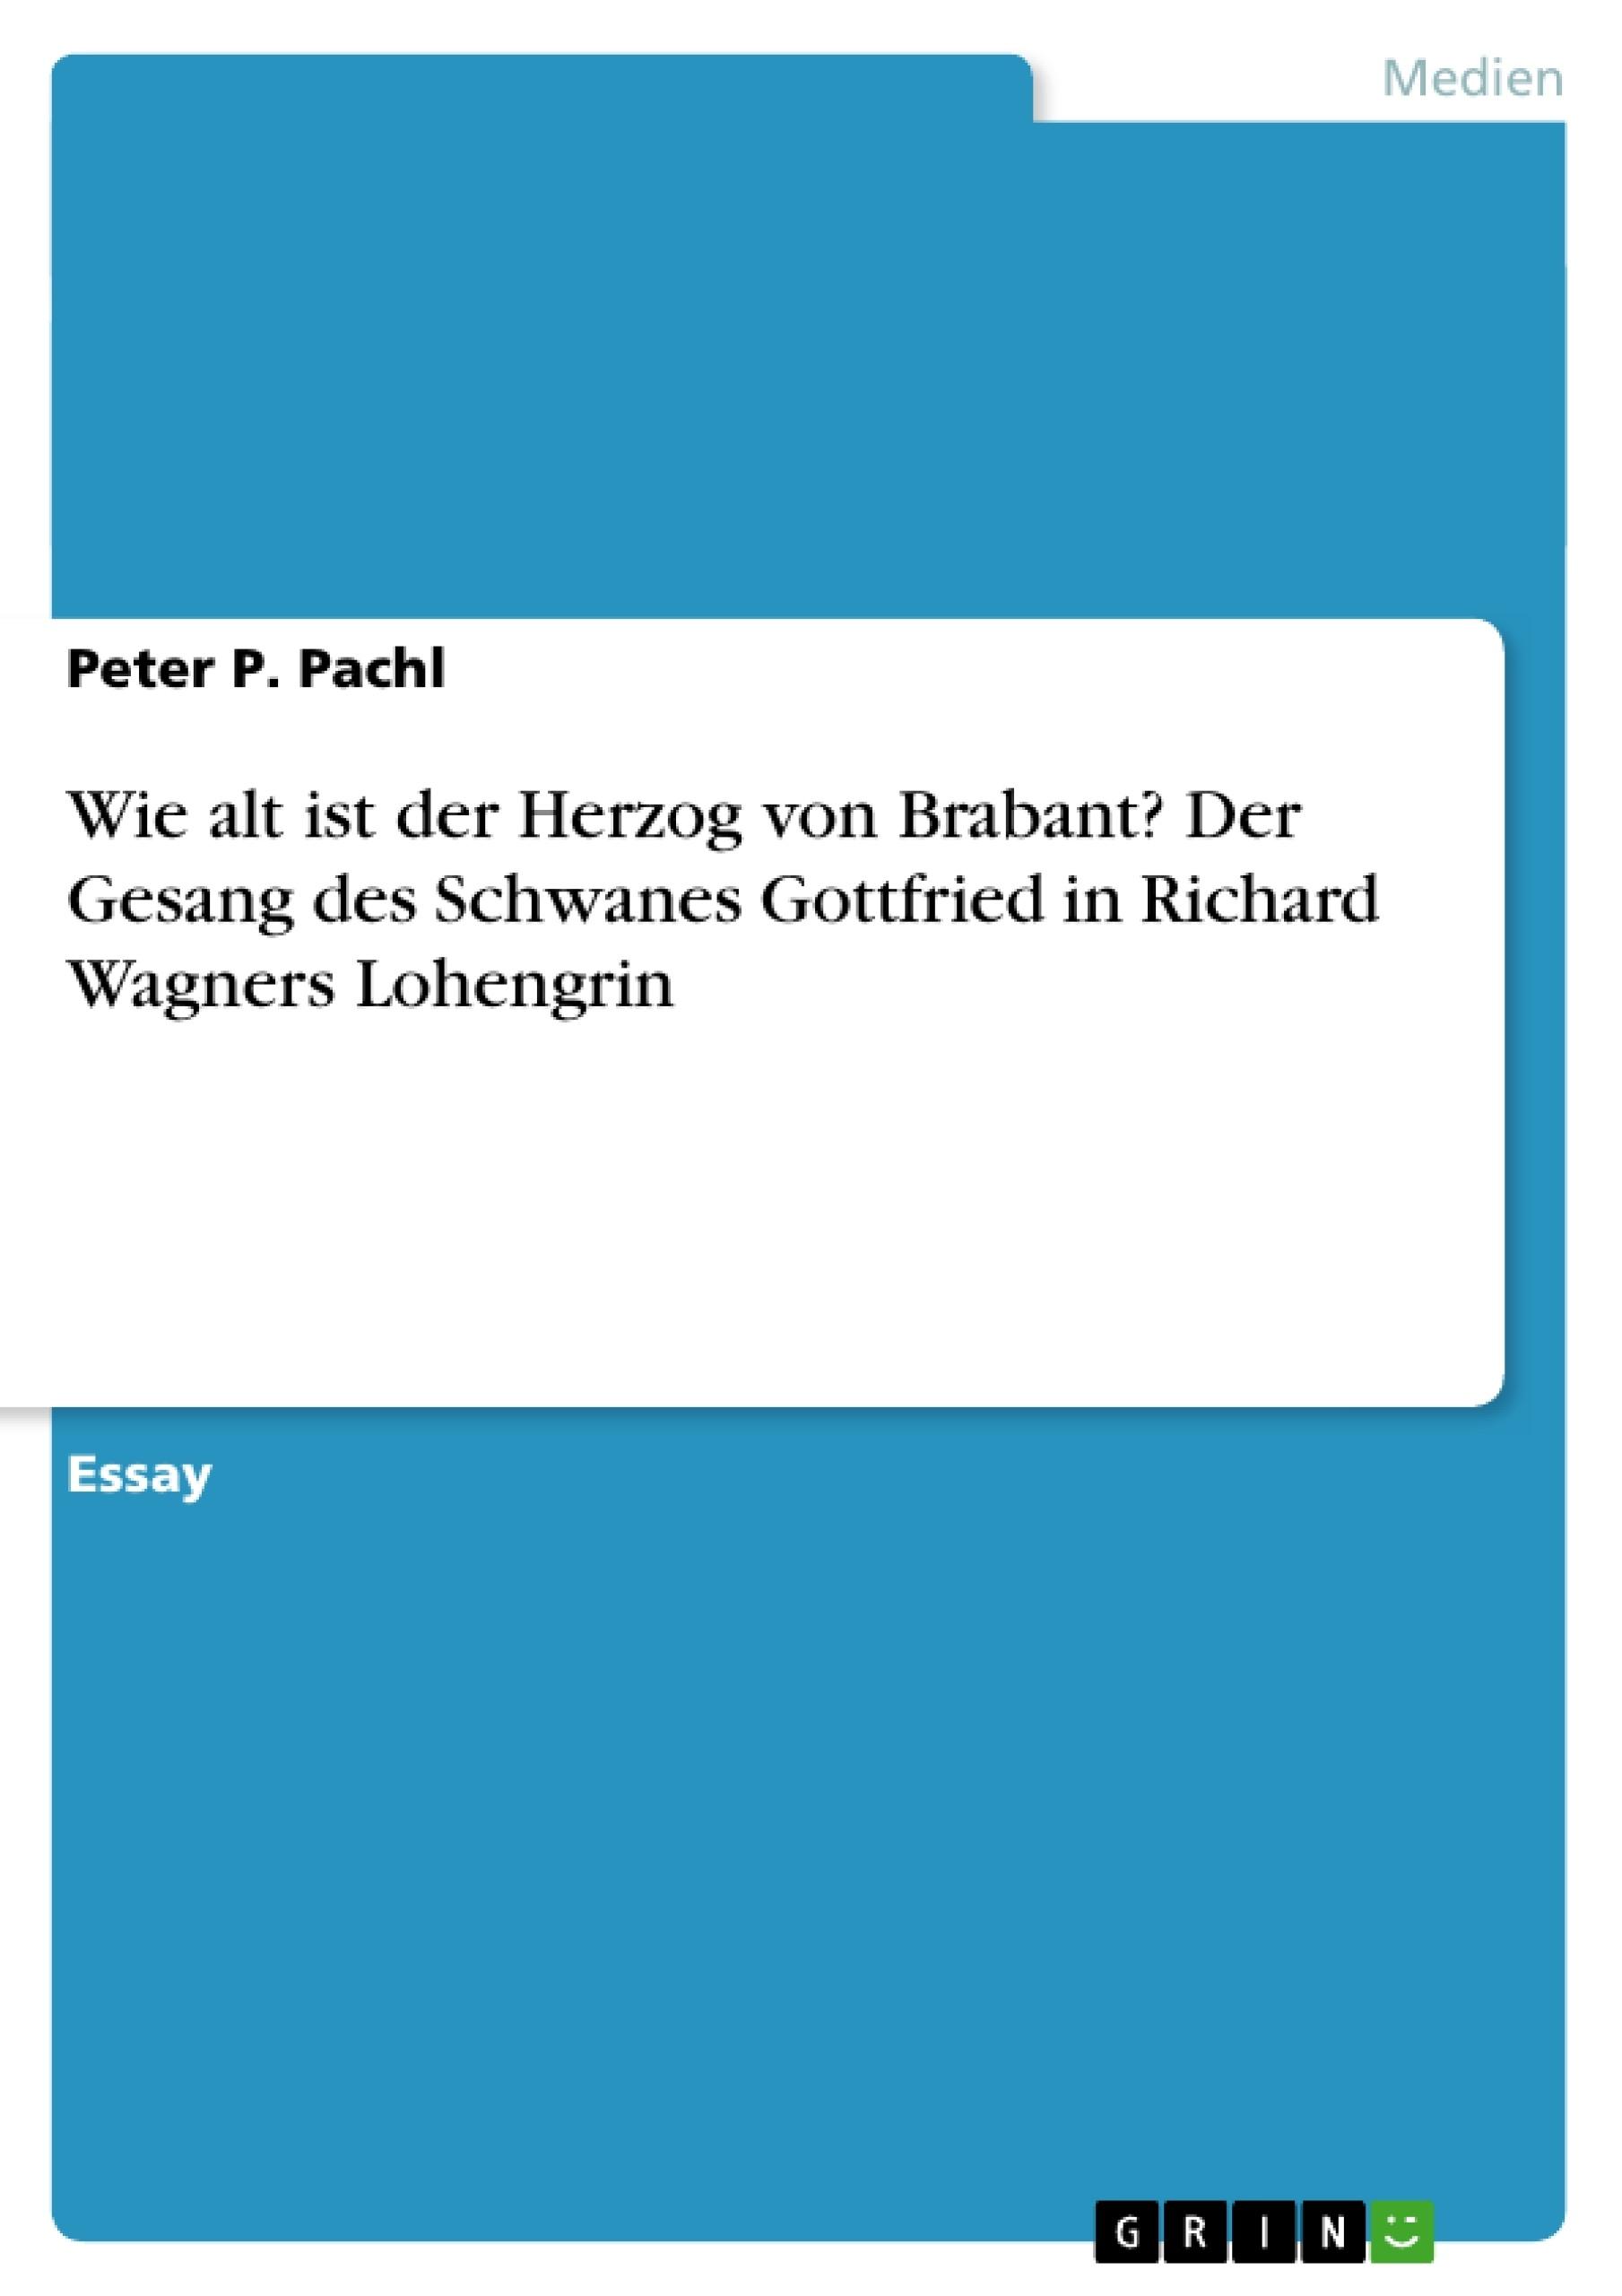 Titel: Wie alt ist der Herzog von Brabant? Der Gesang des Schwanes Gottfried in Richard Wagners Lohengrin